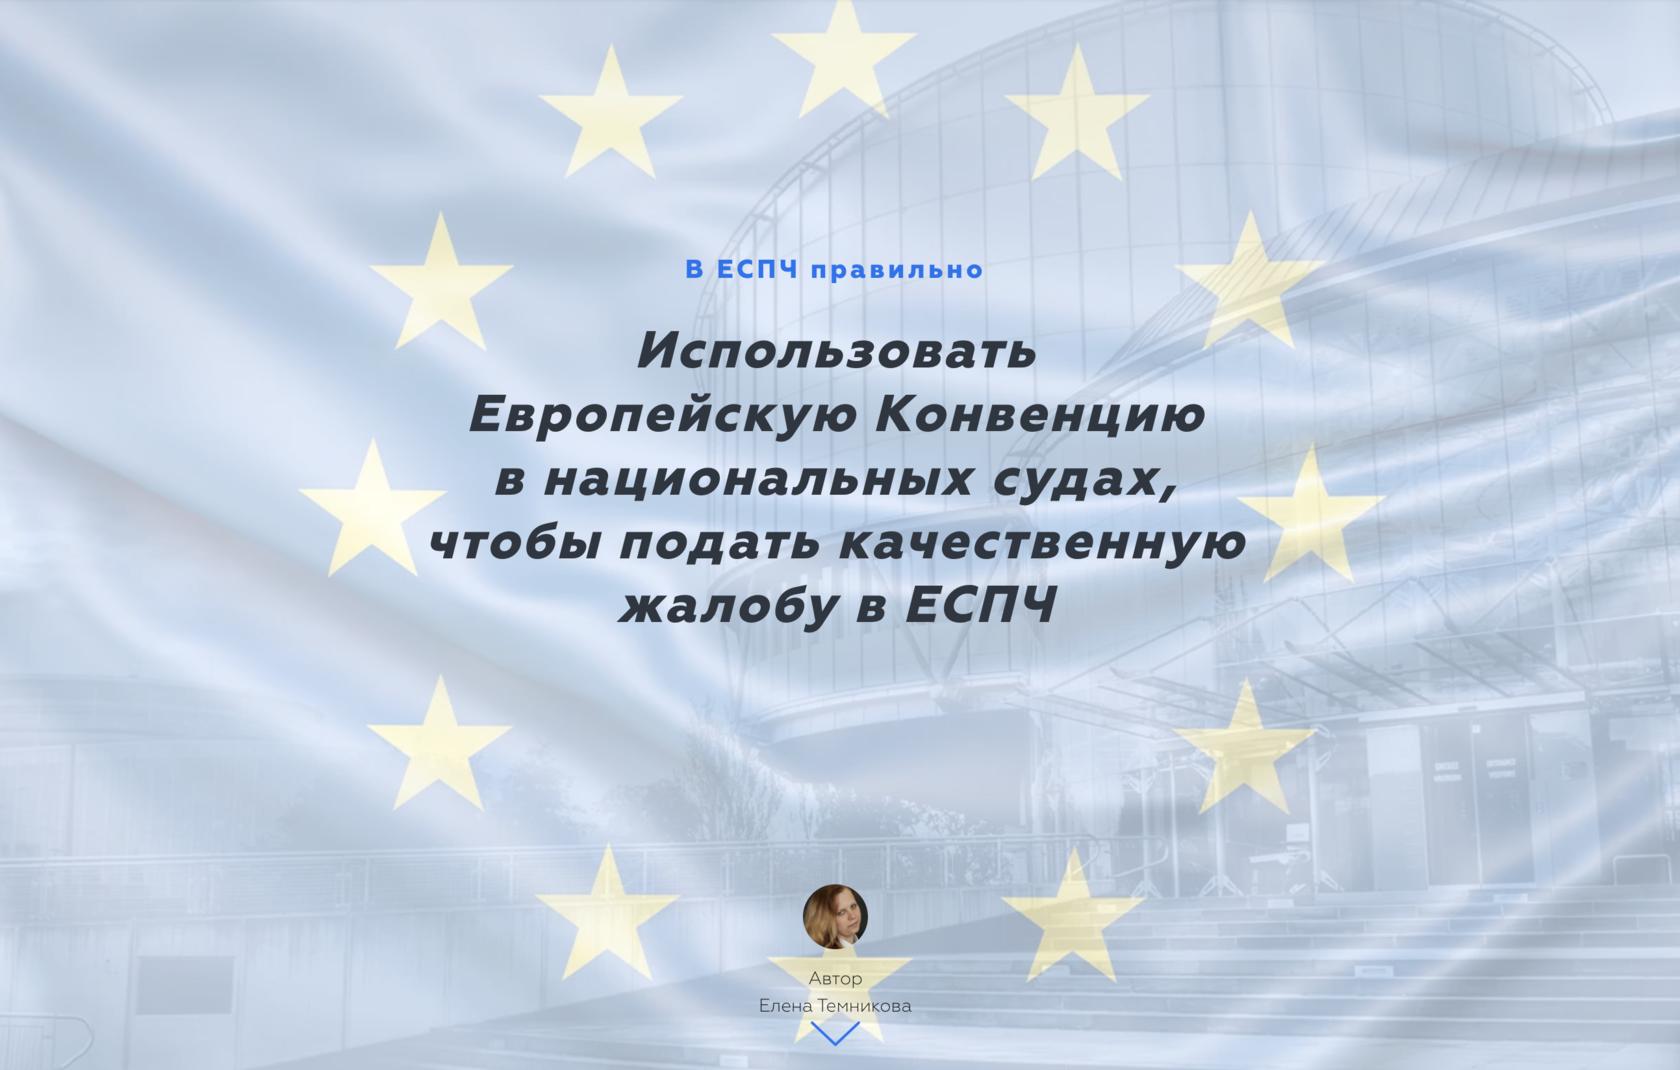 Применять Европейскую Конвенцию